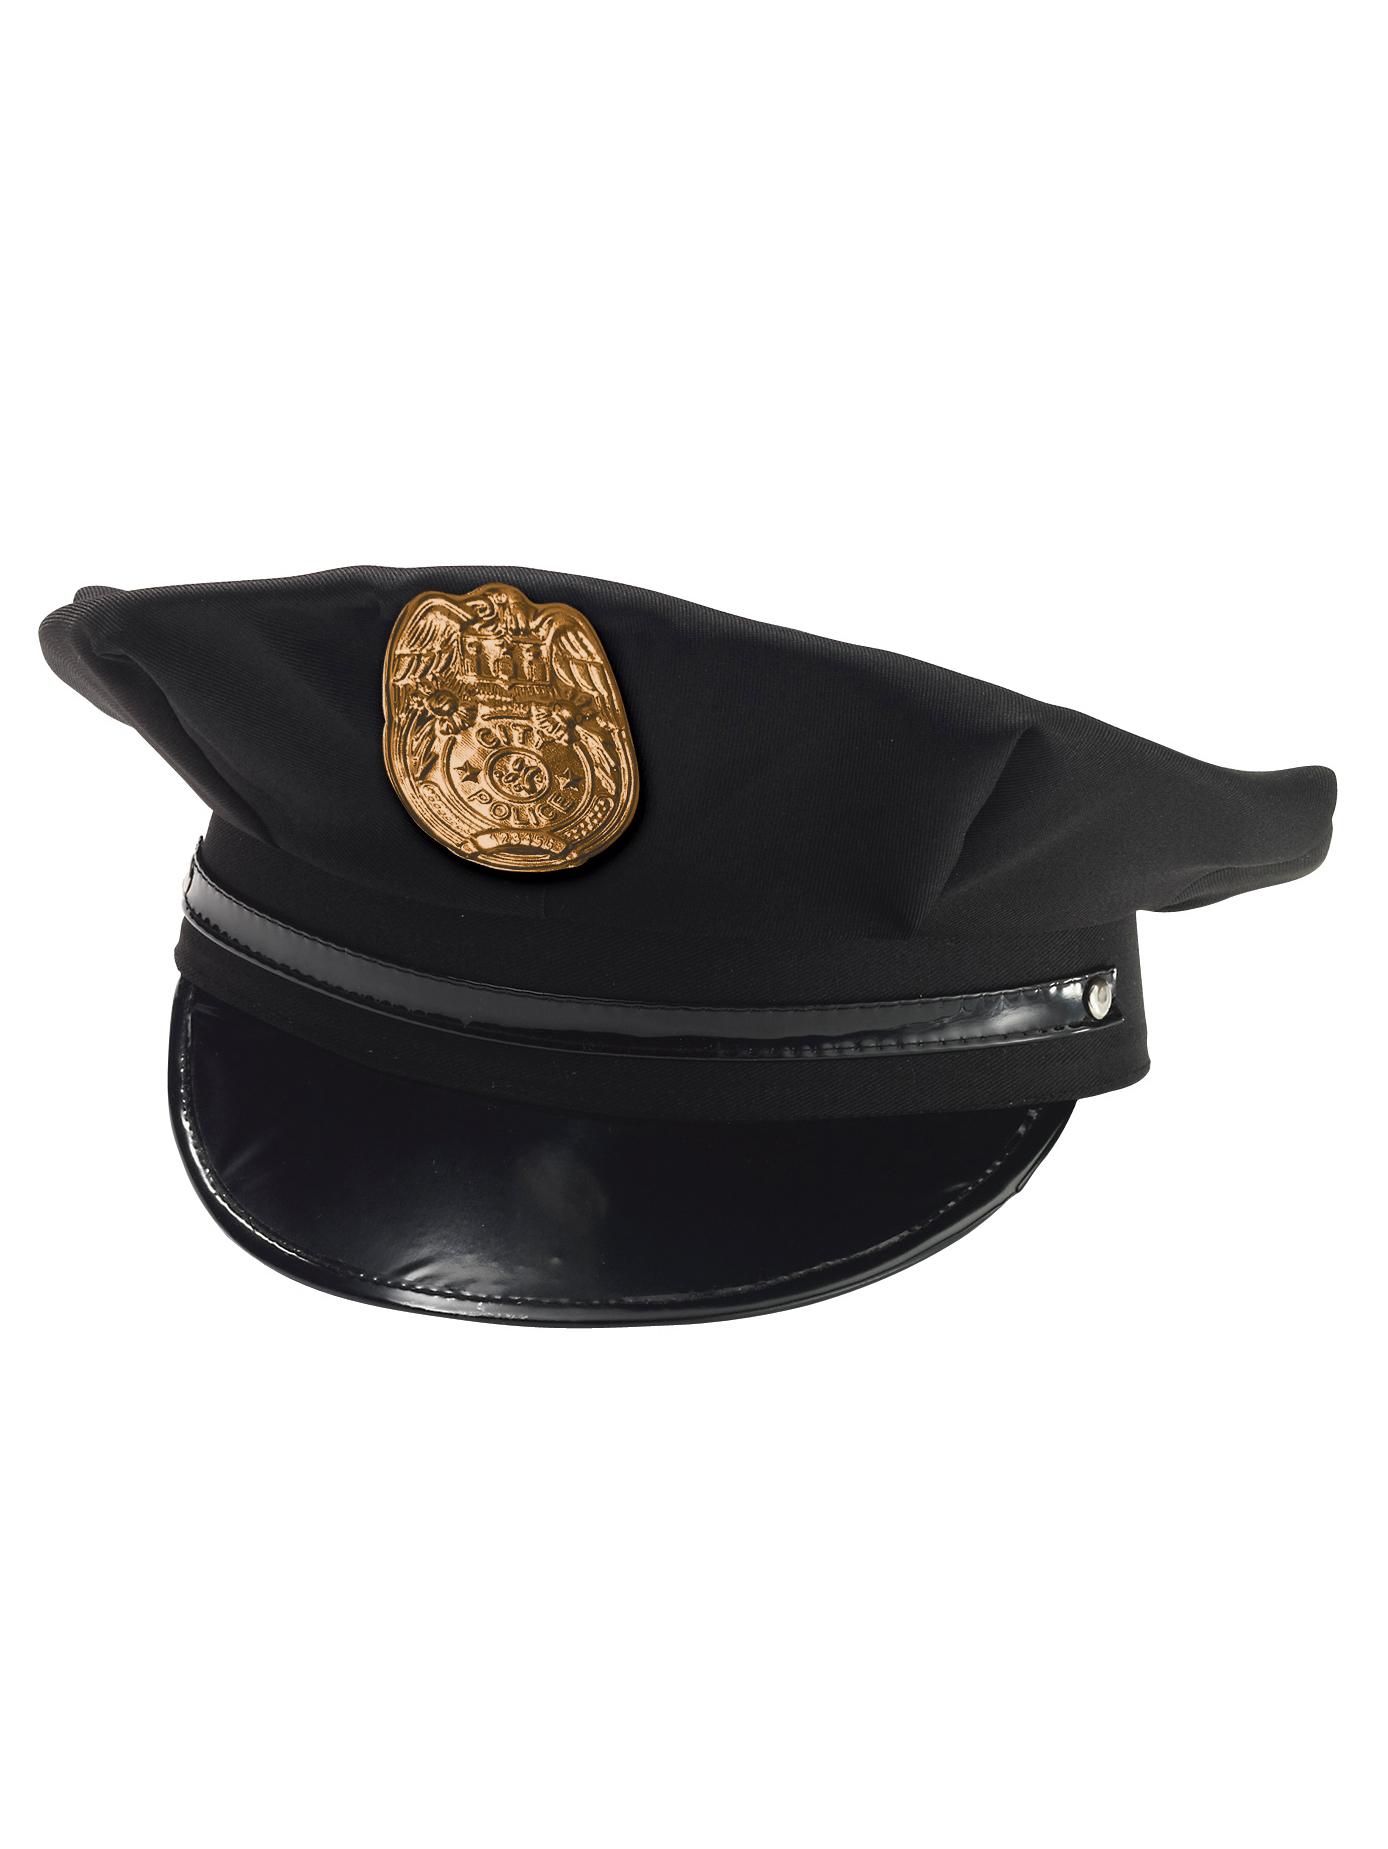 Police cap badges ga rel hat badges page 1 garel - Police Cap Badges Ga Rel Hat Badges Page 1 Garel 12